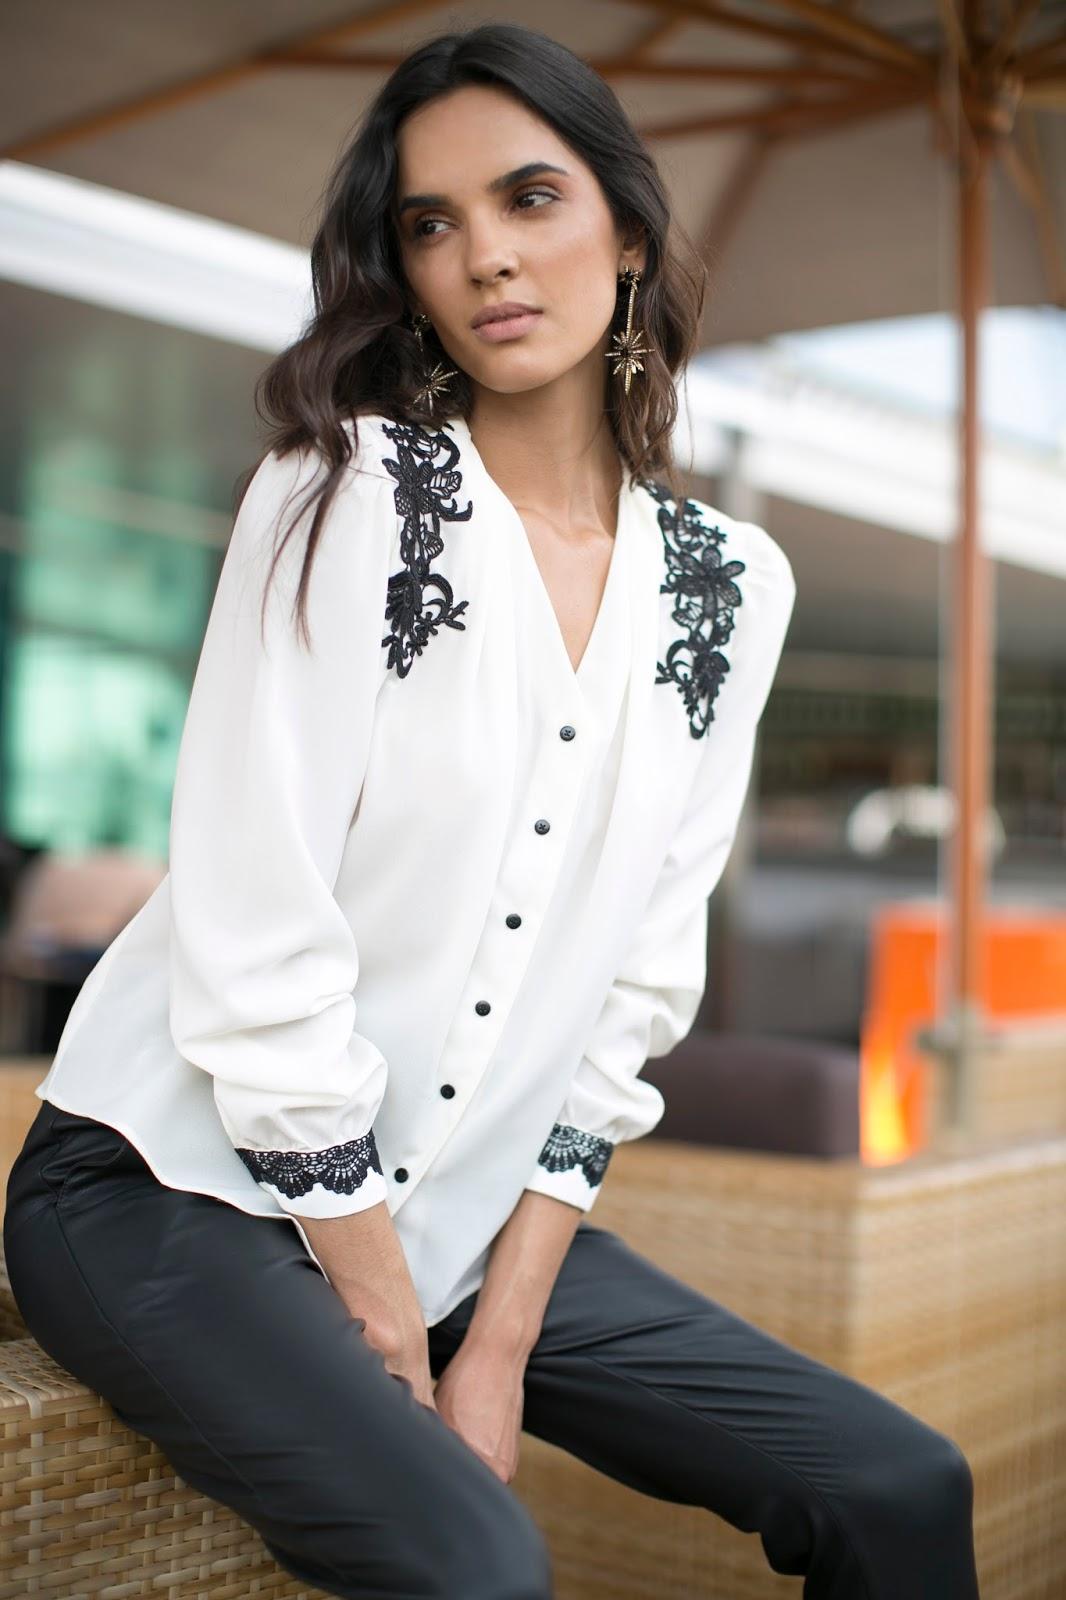 9a82c0ec7 A marca mineira que nasceu em 2013 vem inovando o mercado da moda, quando o  assunto é camisas! Com designer super moderno e versátil as camisas e  blusas da ...